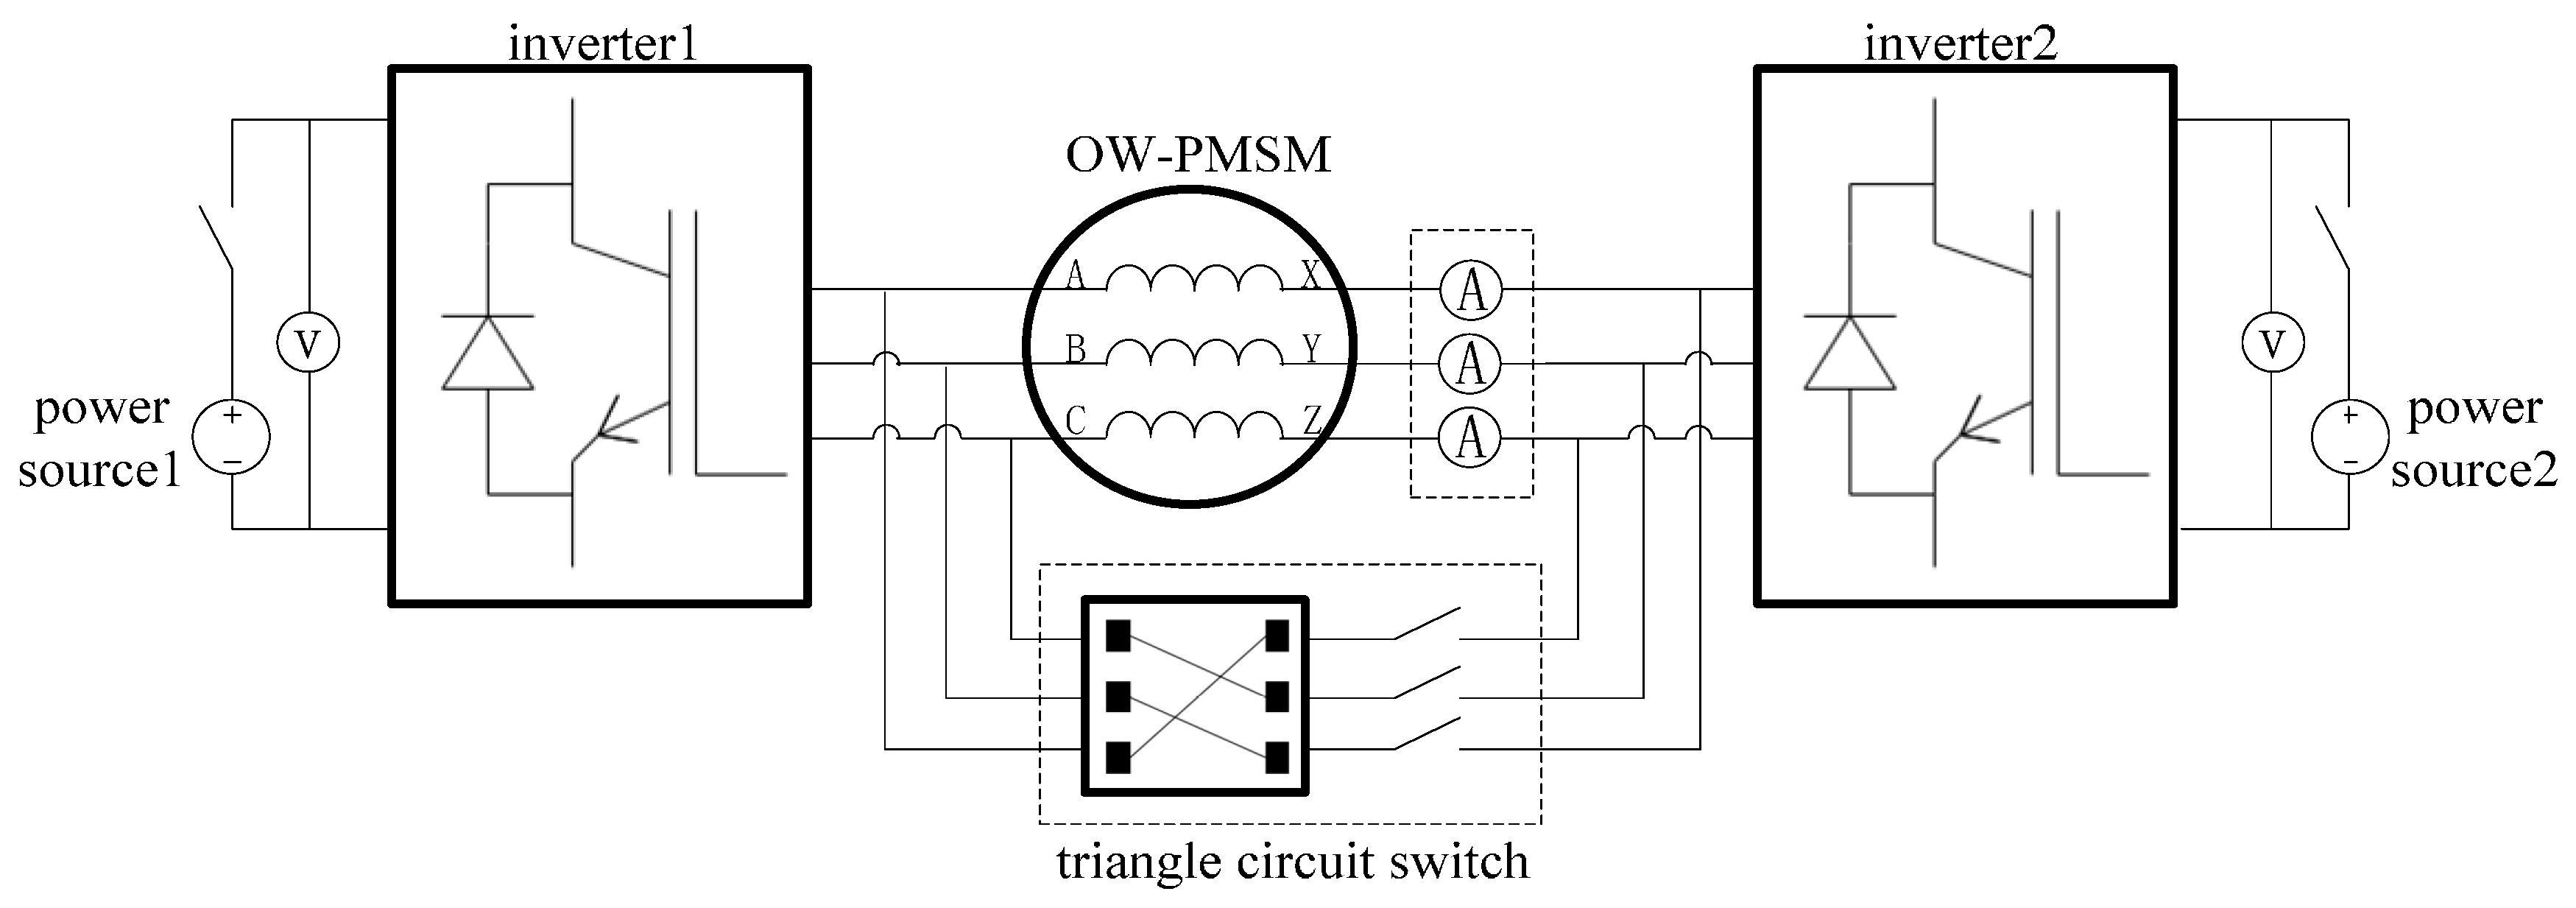 Scotts S1742 Wiring Diagram from schematron.org